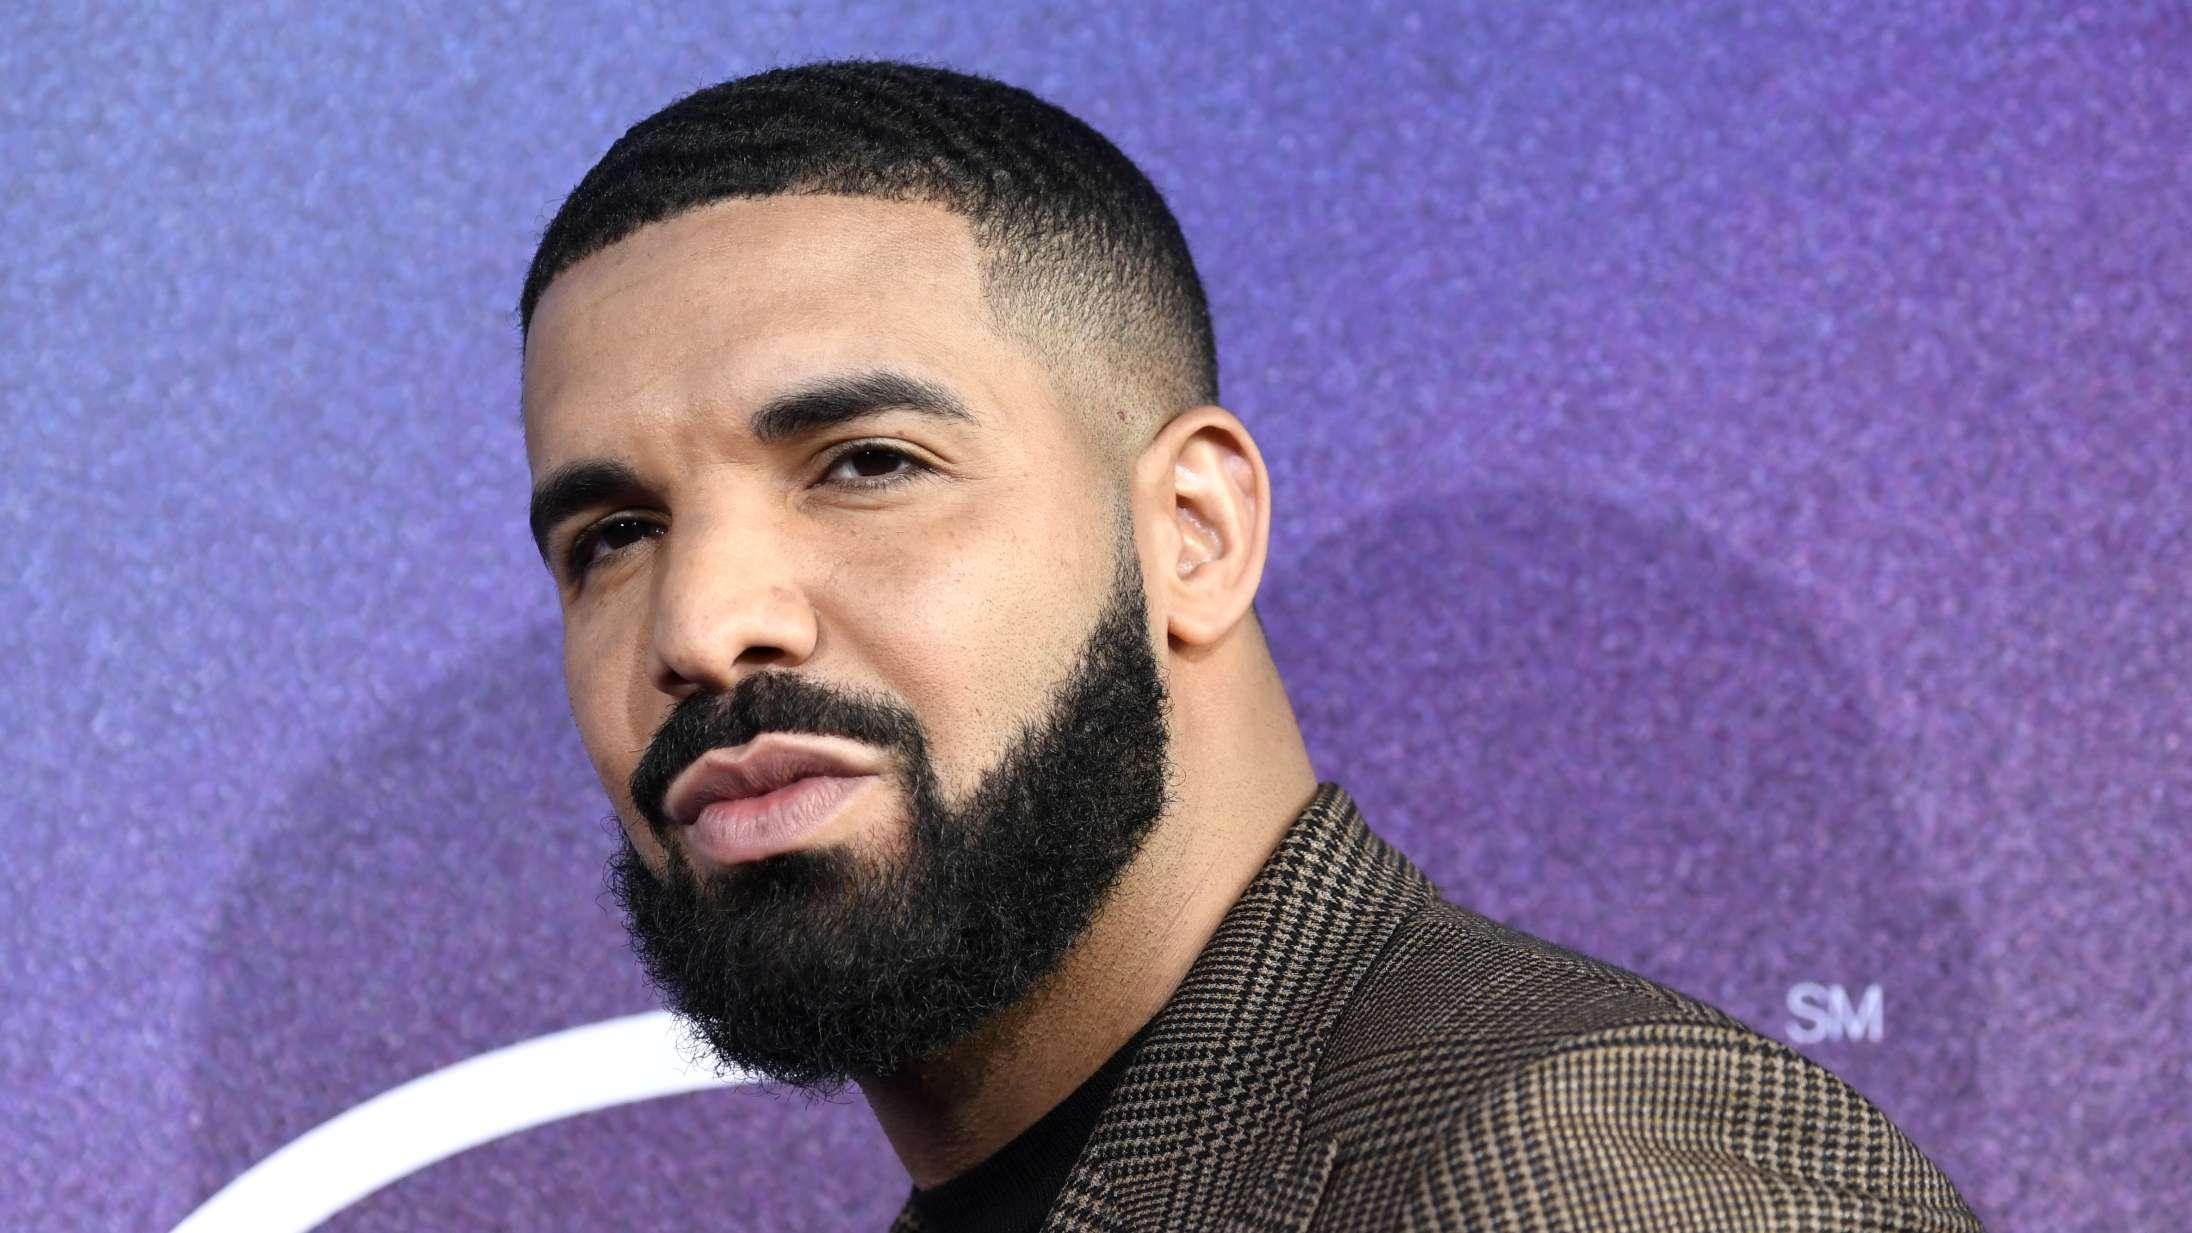 Drake hopper på TikTok-bølgen med ny dansesang